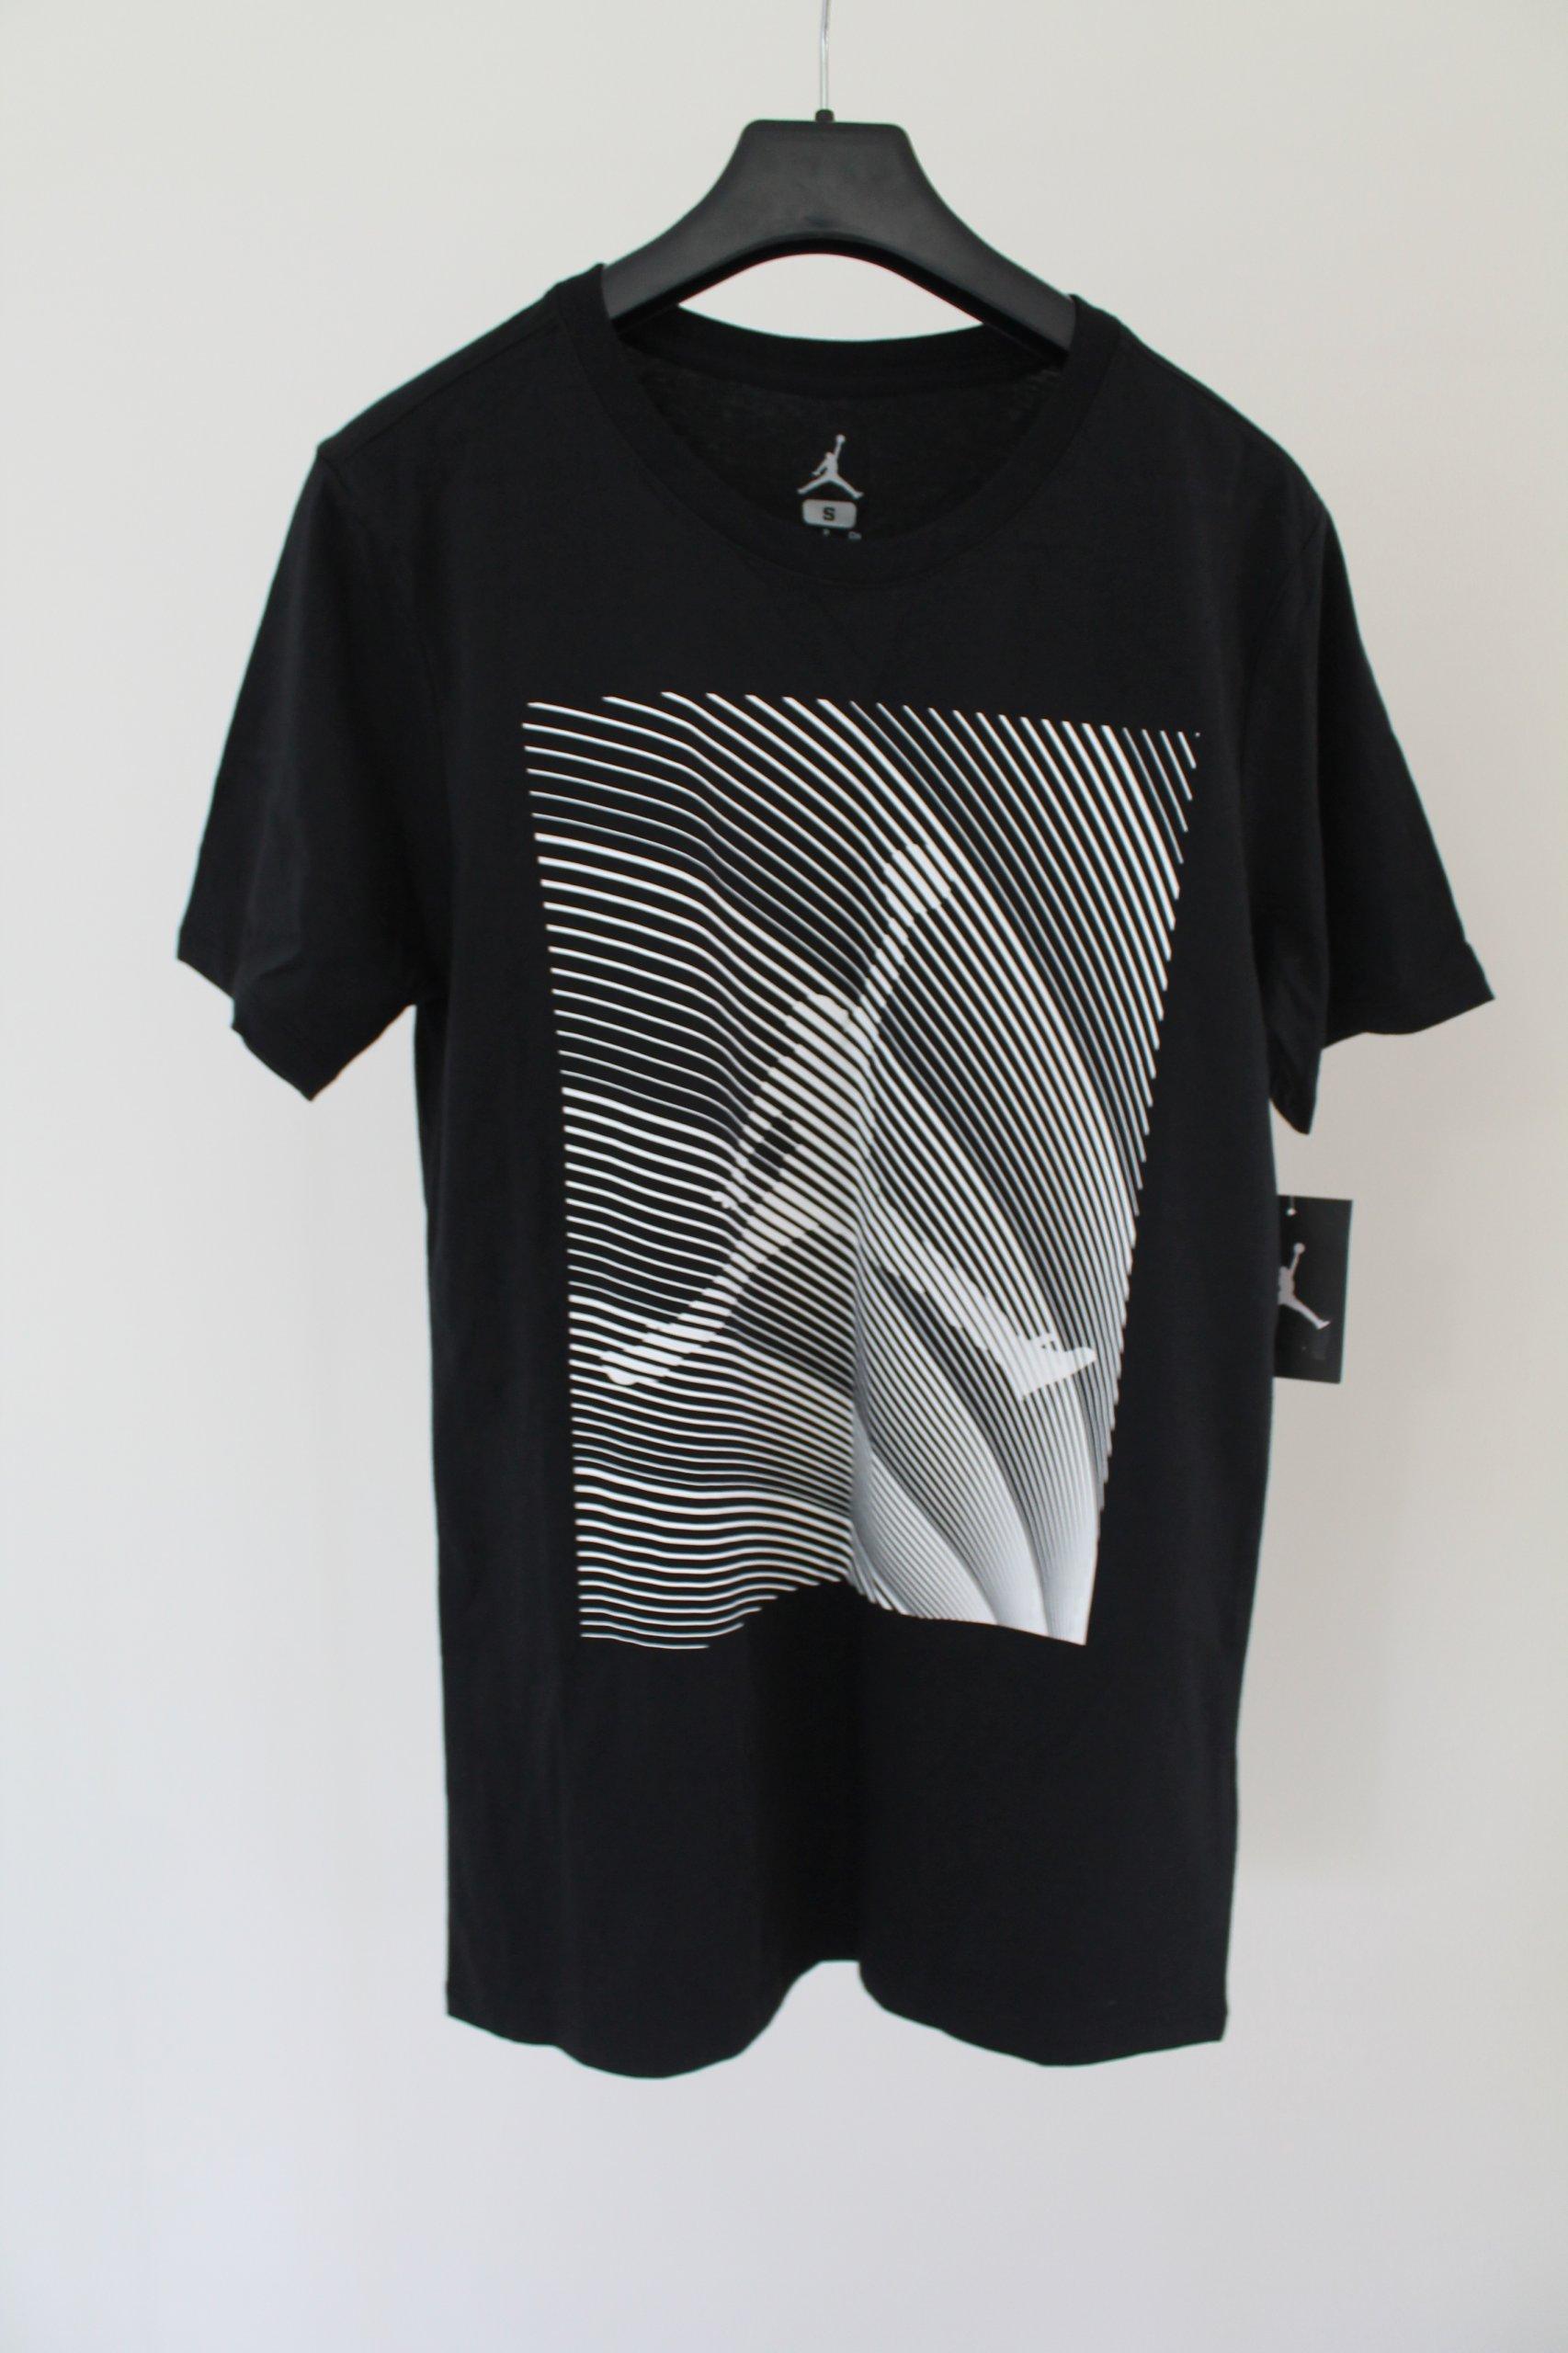 Jordan Latające Sny Tee Nowy mężczyzna T-Shirt S